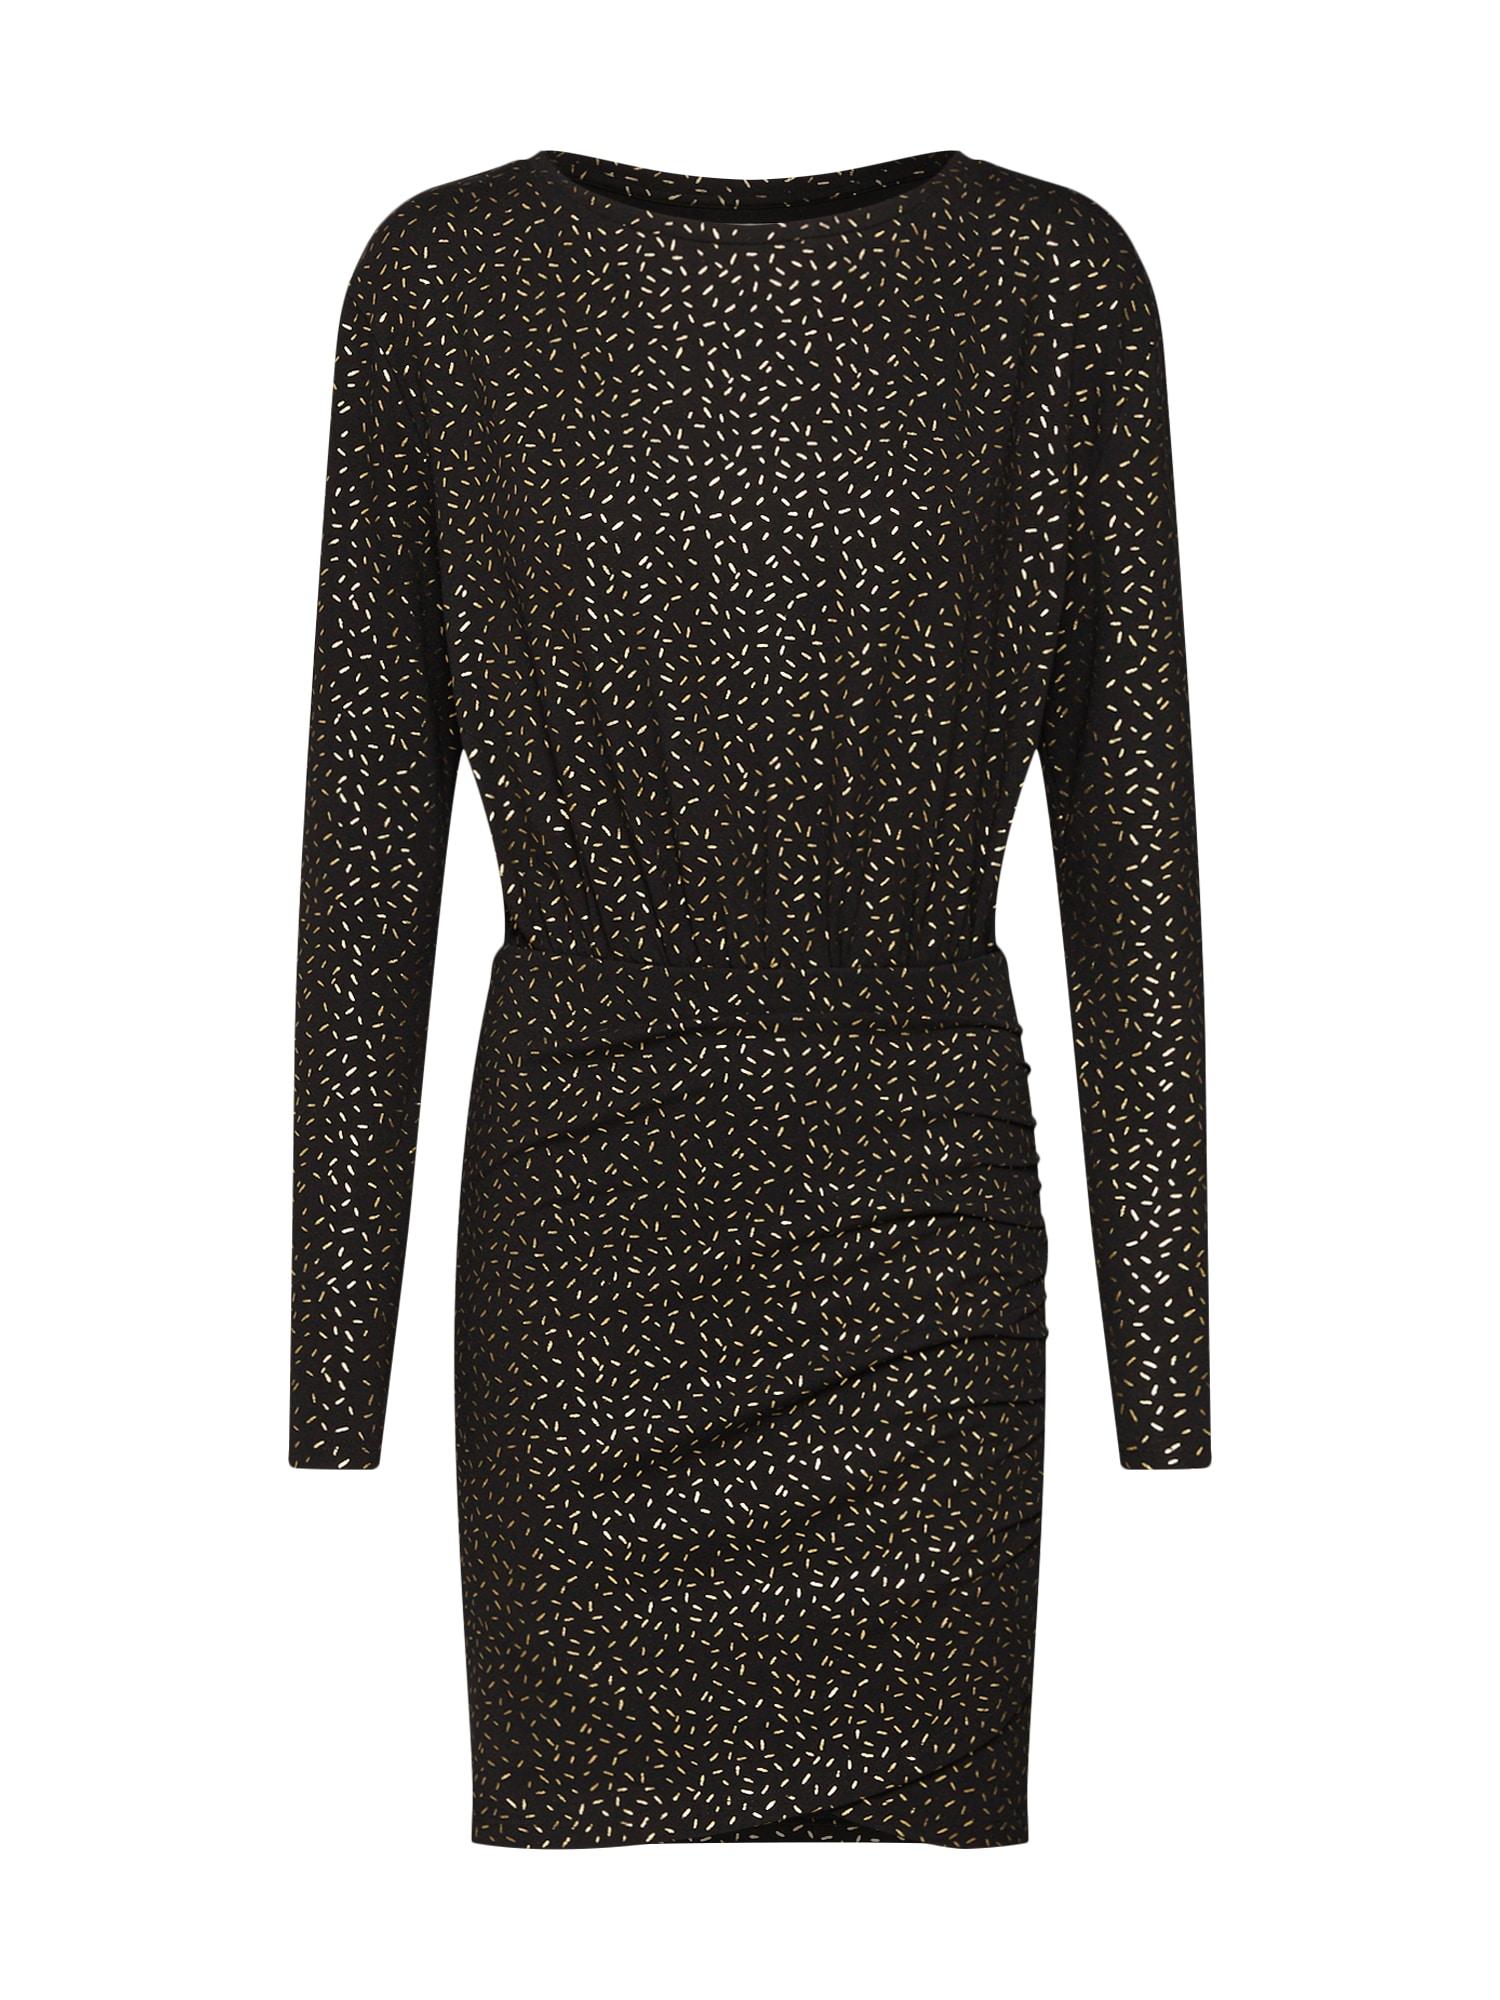 Šaty long sleeved body con zlatá černá Mint&berry